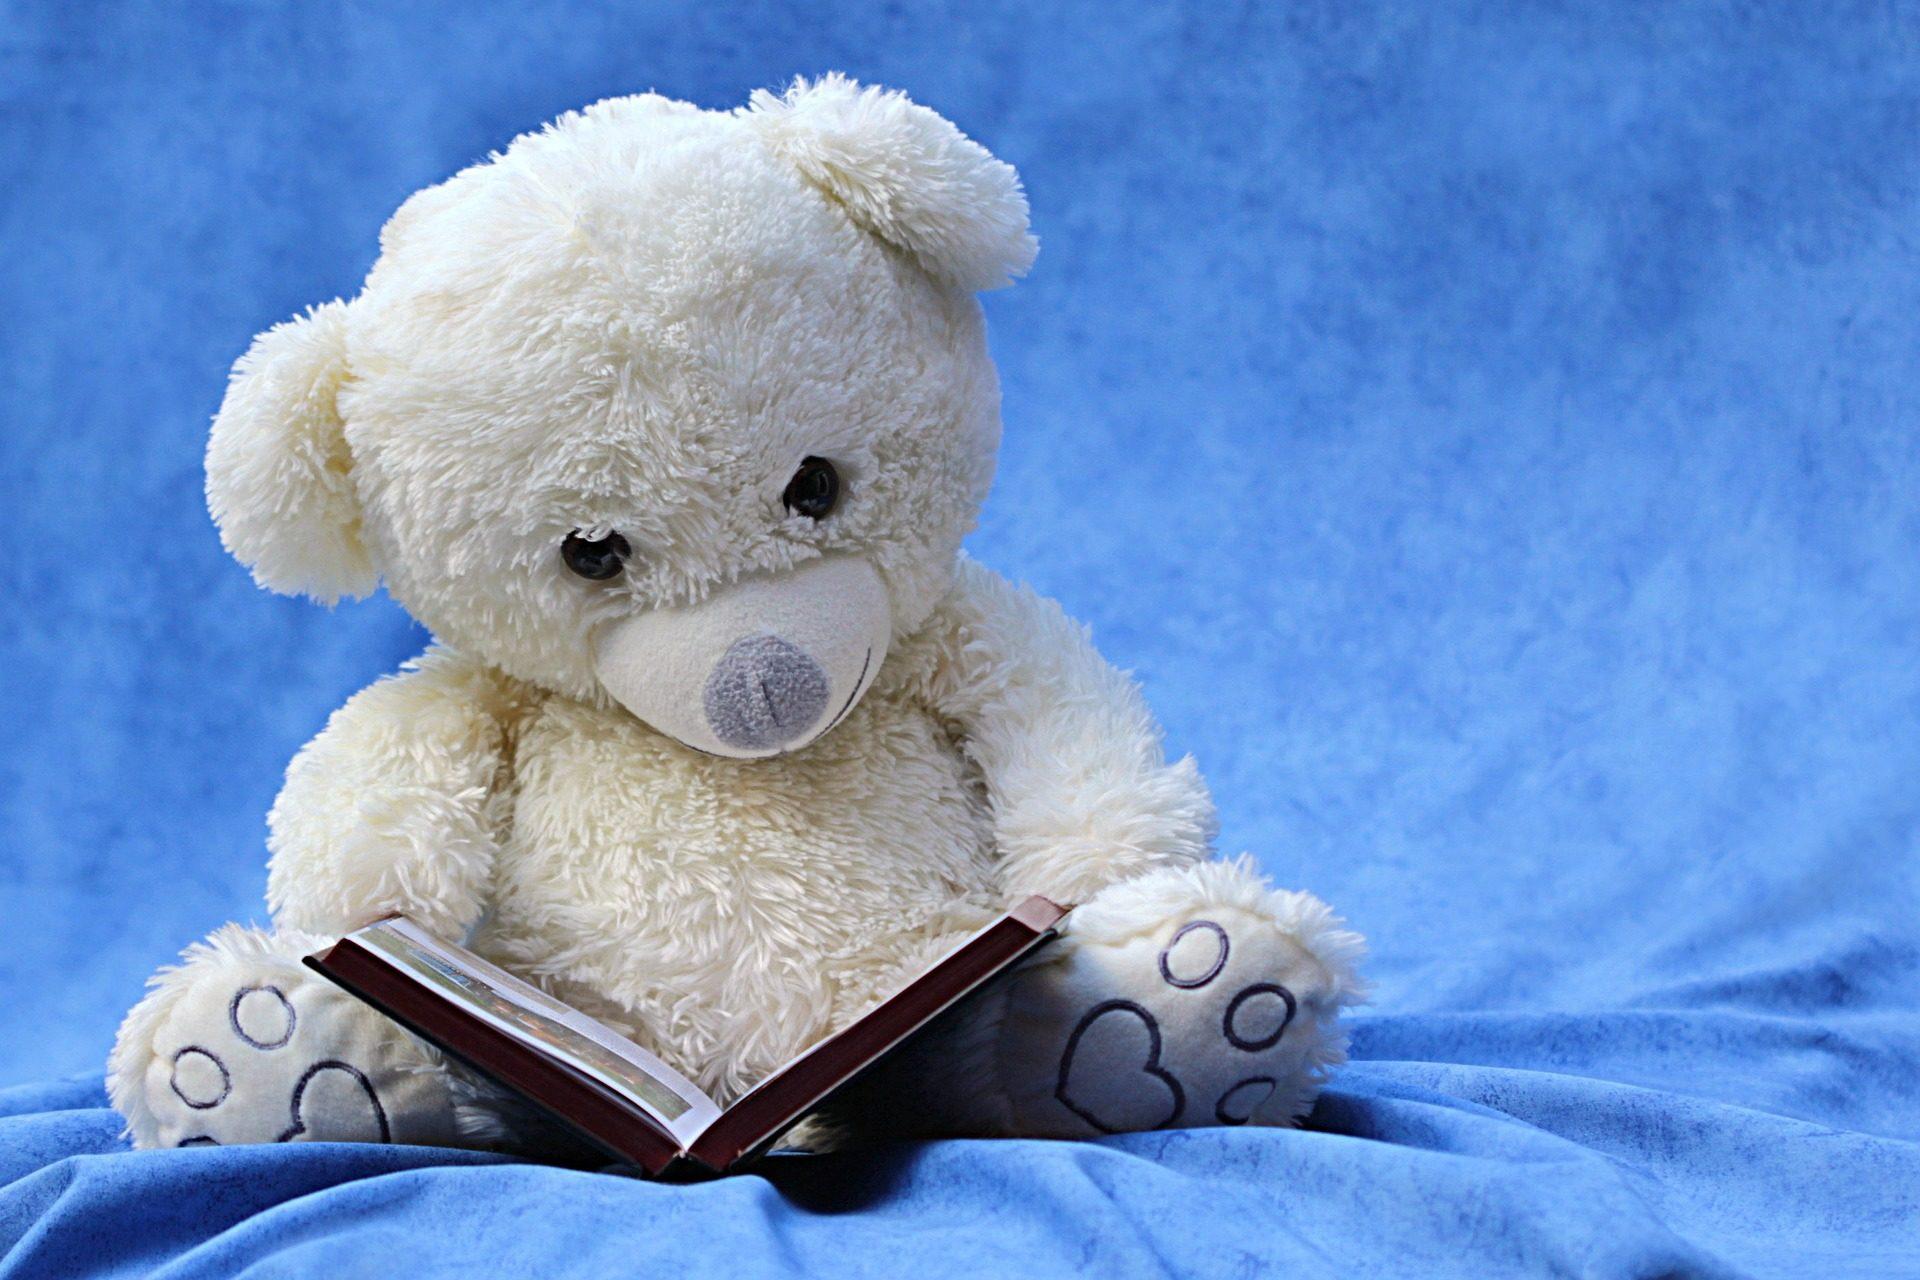 urso, Teddy, Livro, leitura, Branco - Papéis de parede HD - Professor-falken.com